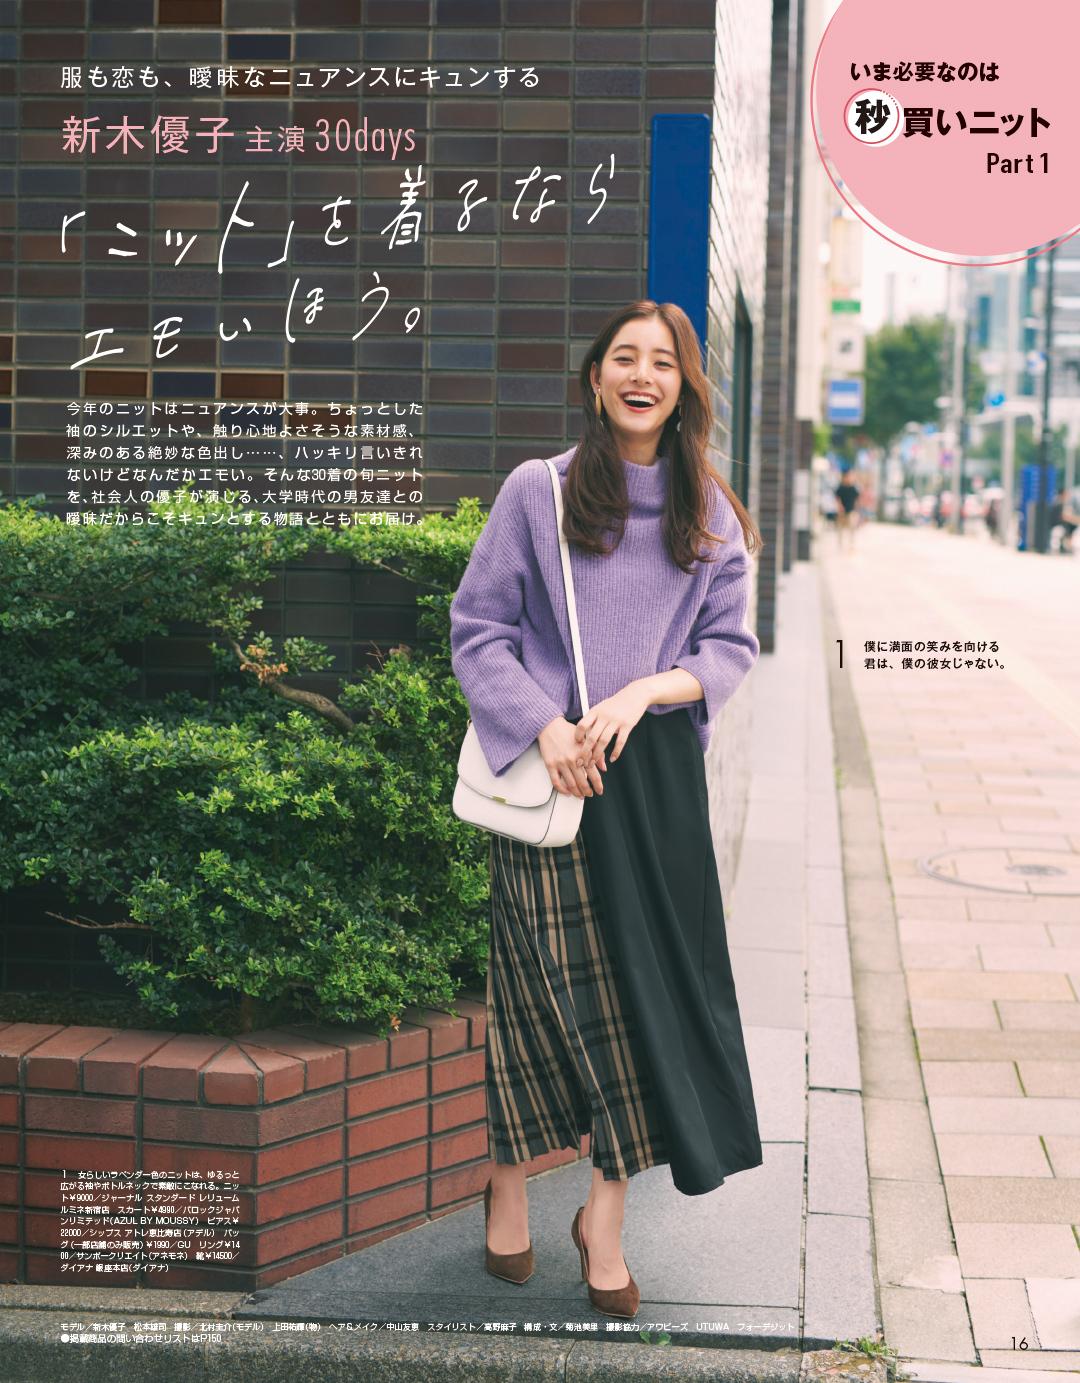 新木優子主演30days「ニット」を着るならエモいほう。